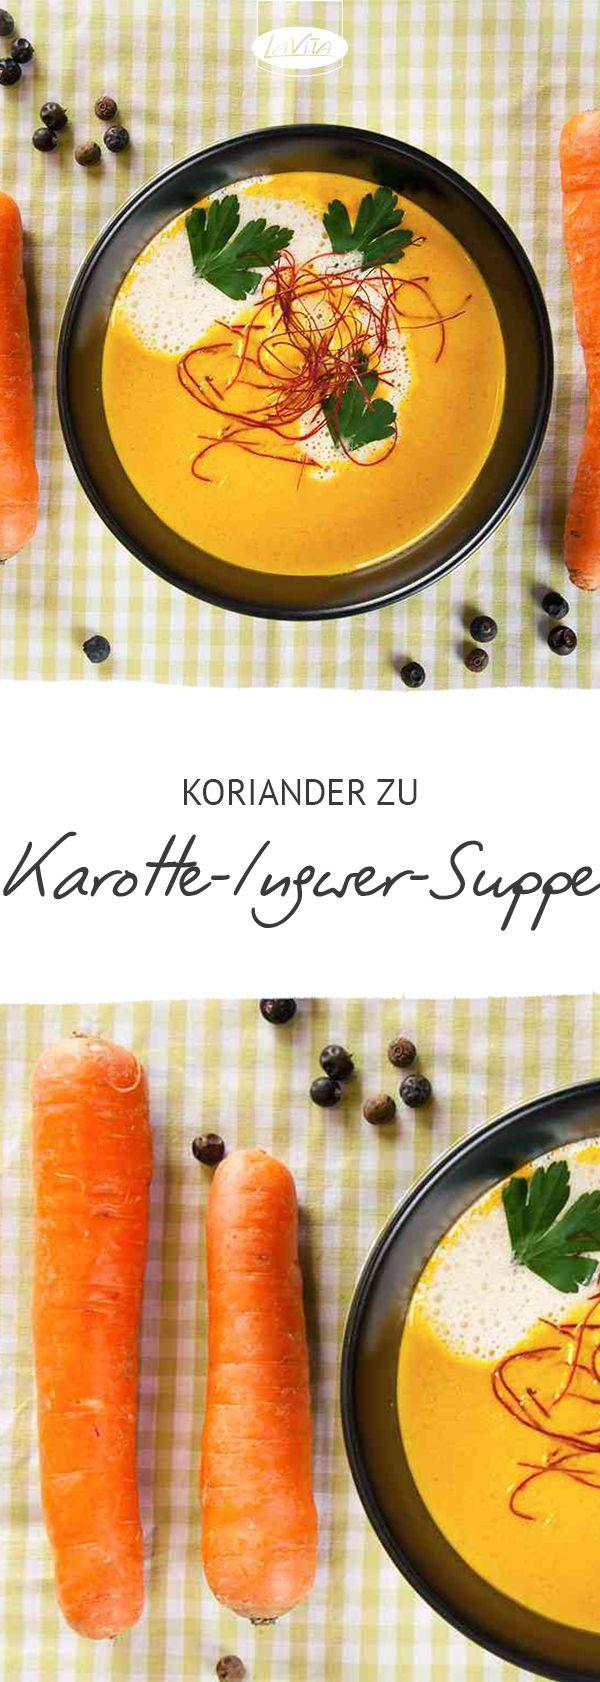 Karotte-Ingwer-Suppe mit Koriander